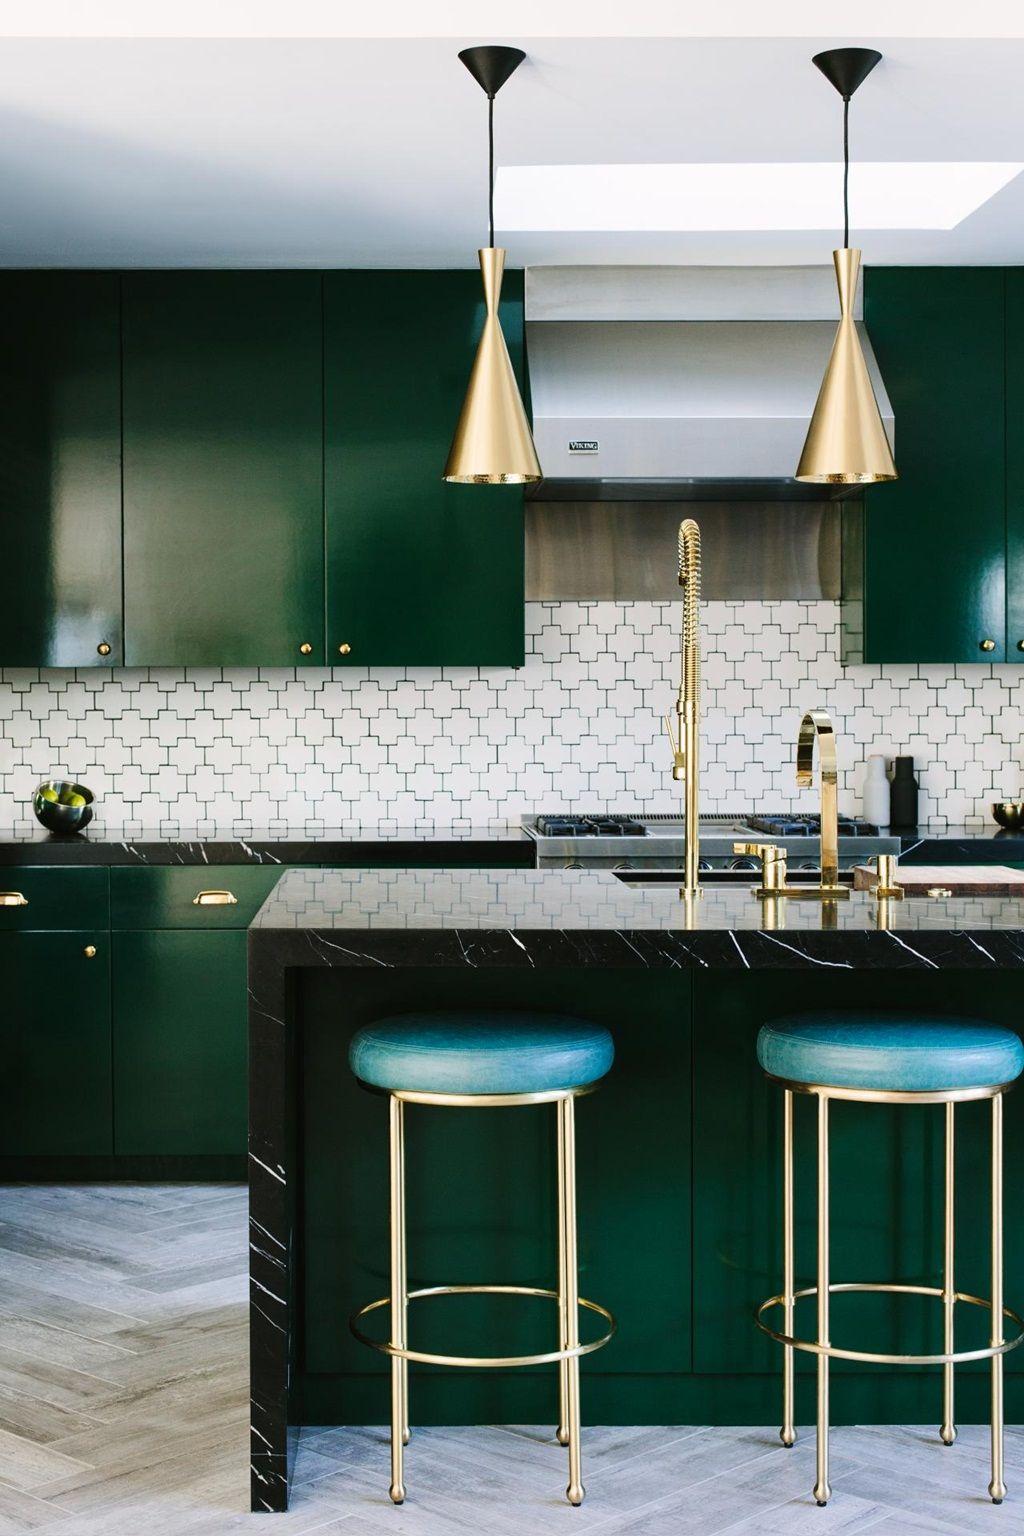 tendance cuisine 2022 cuisine vert sapin foncé marbre noir suspension laiton